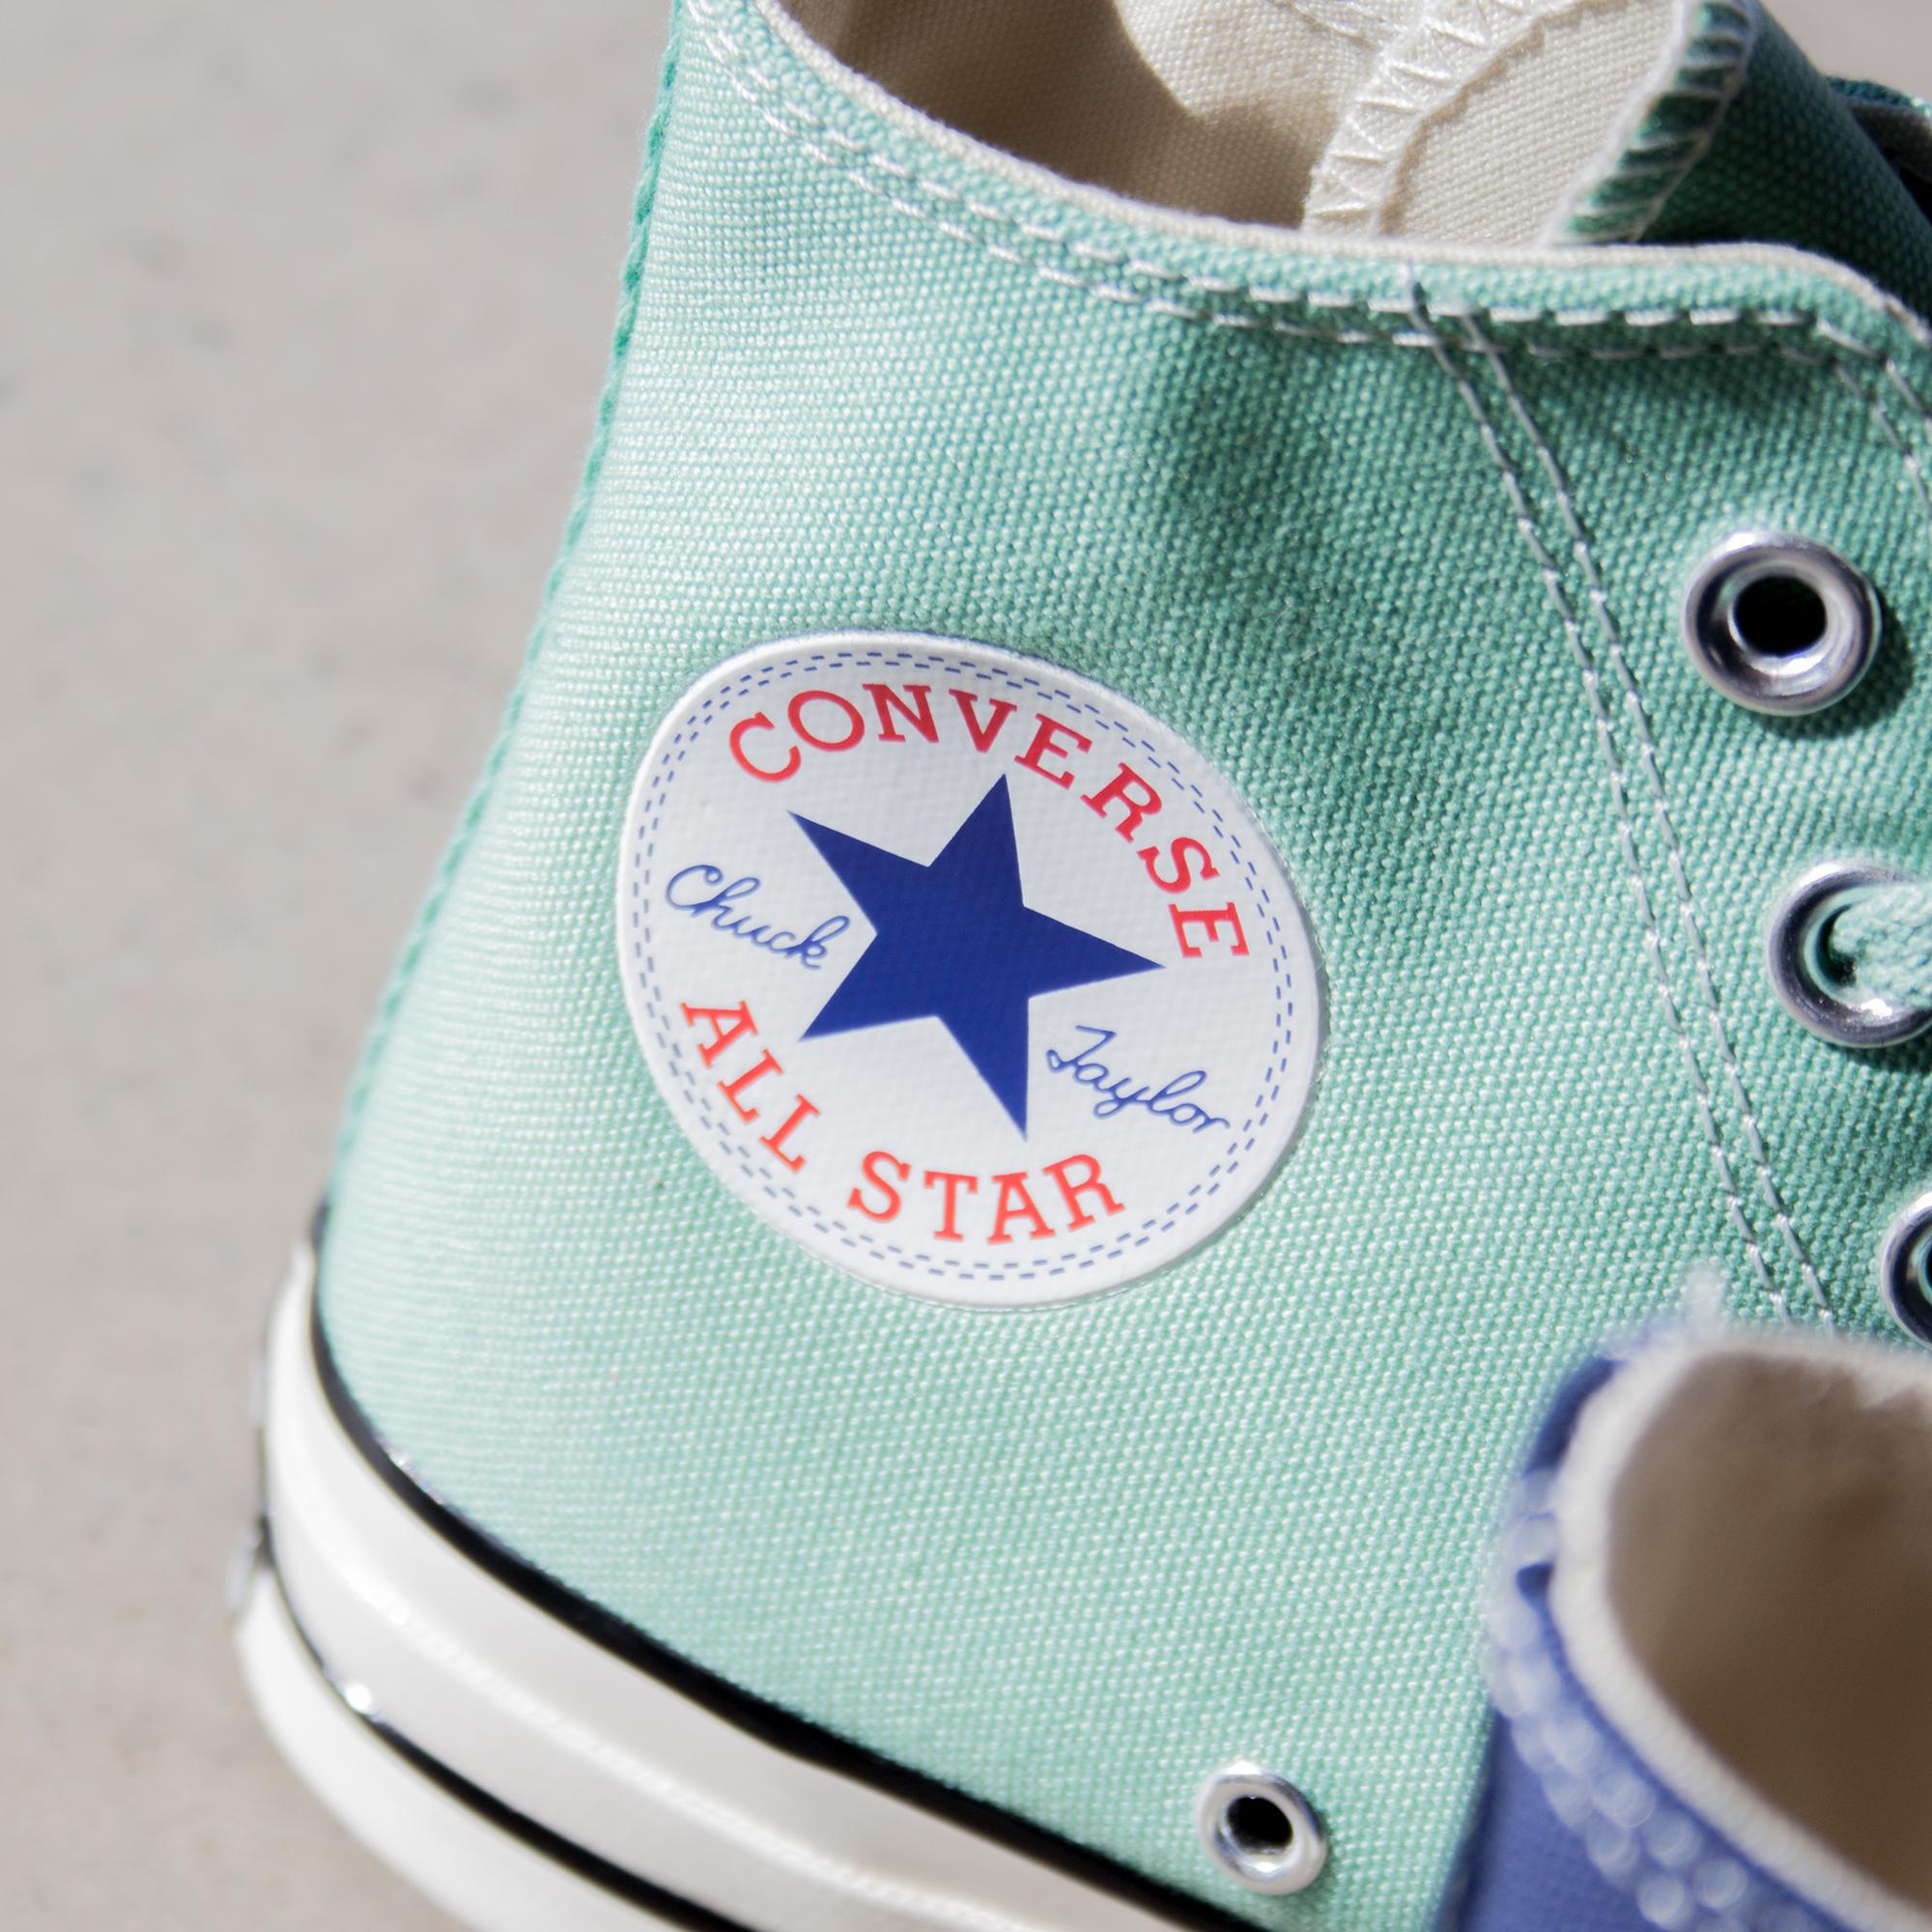 Converse 70s